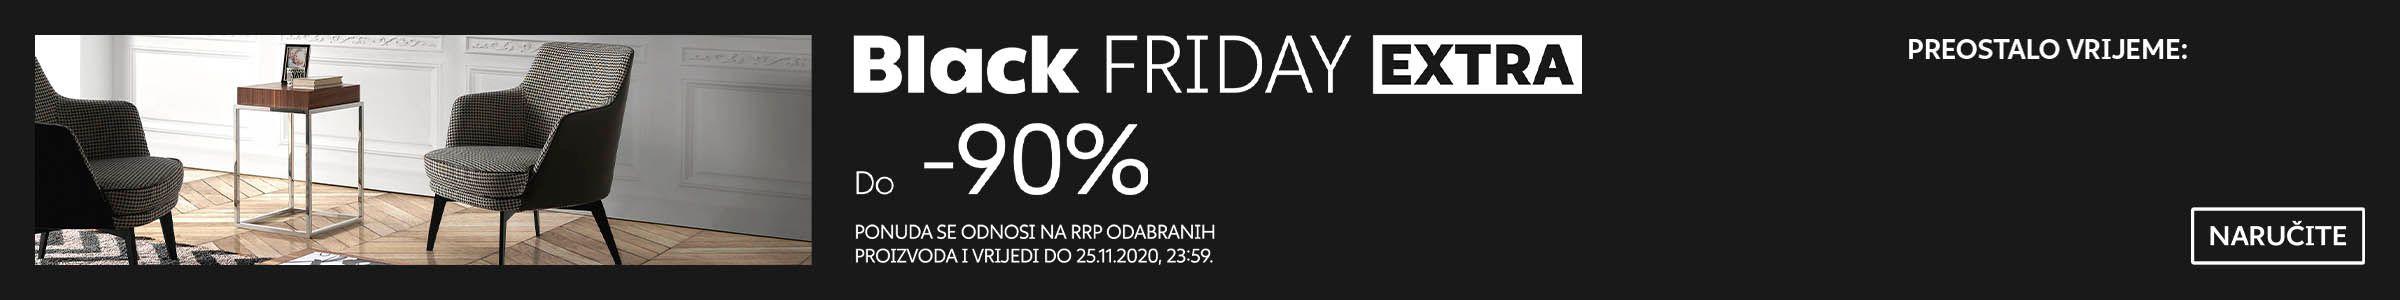 Black Friday Extra LH